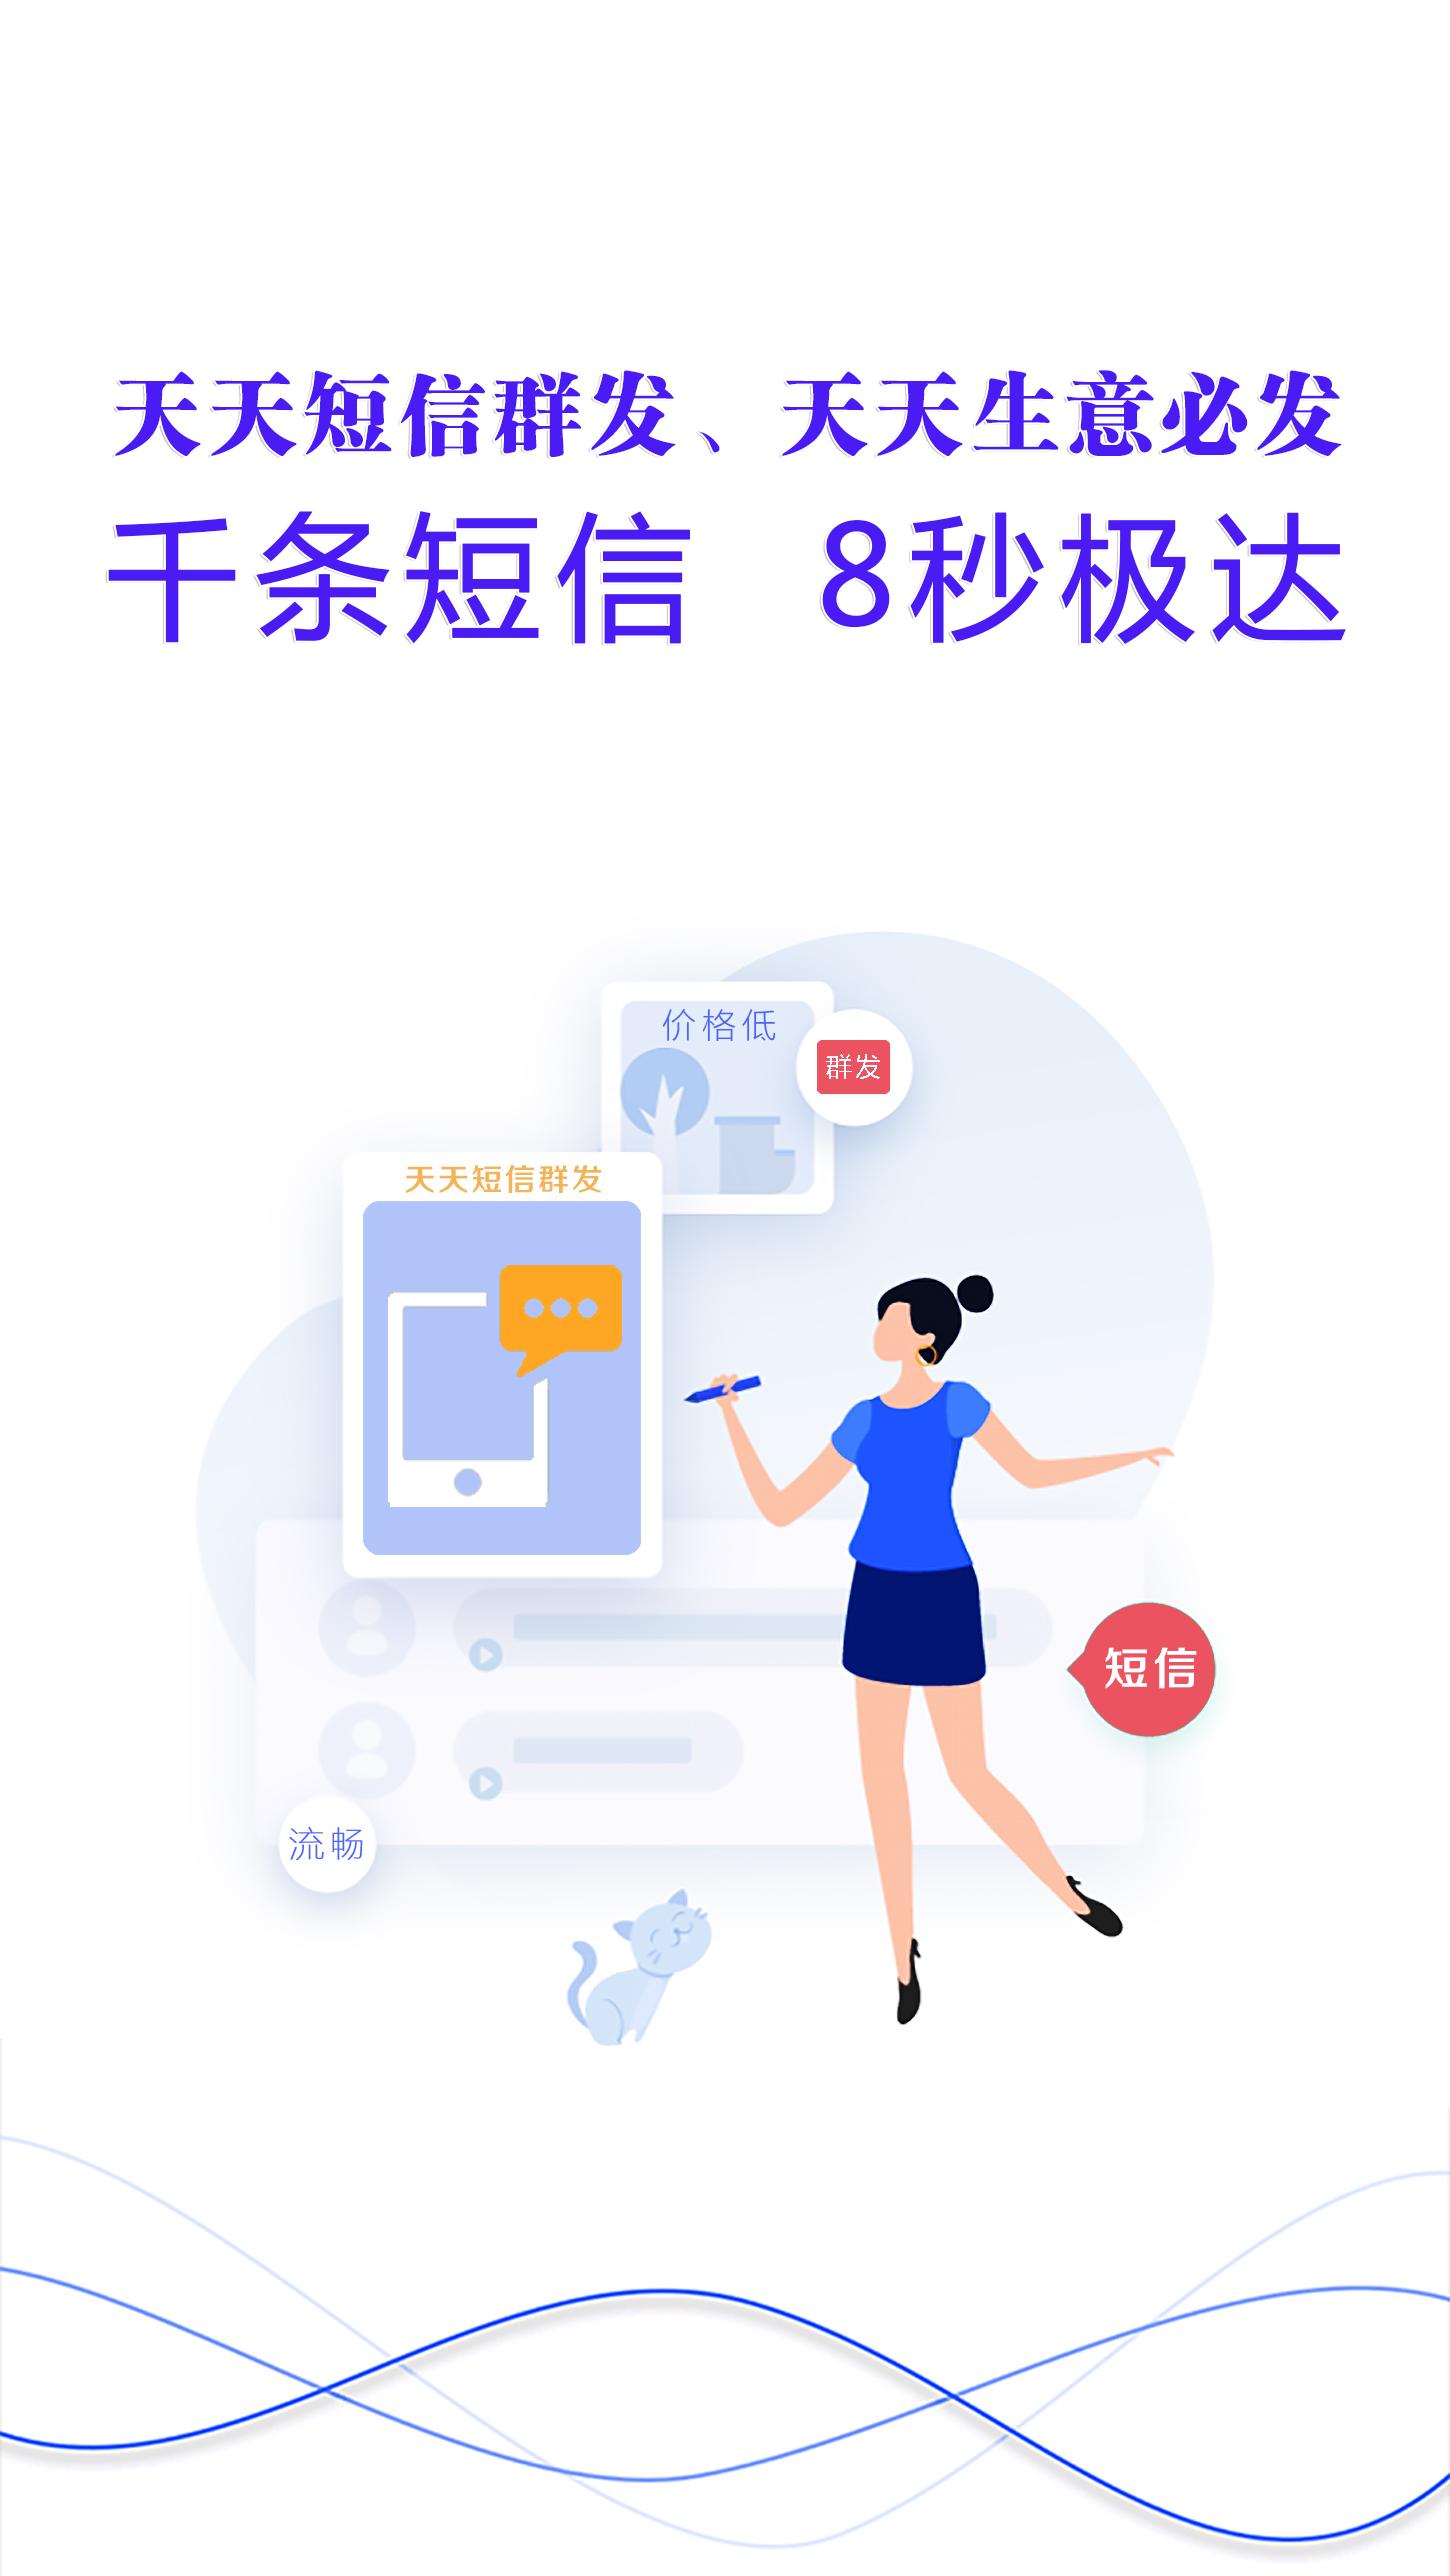 天天短信群发V2.2.1 安卓版